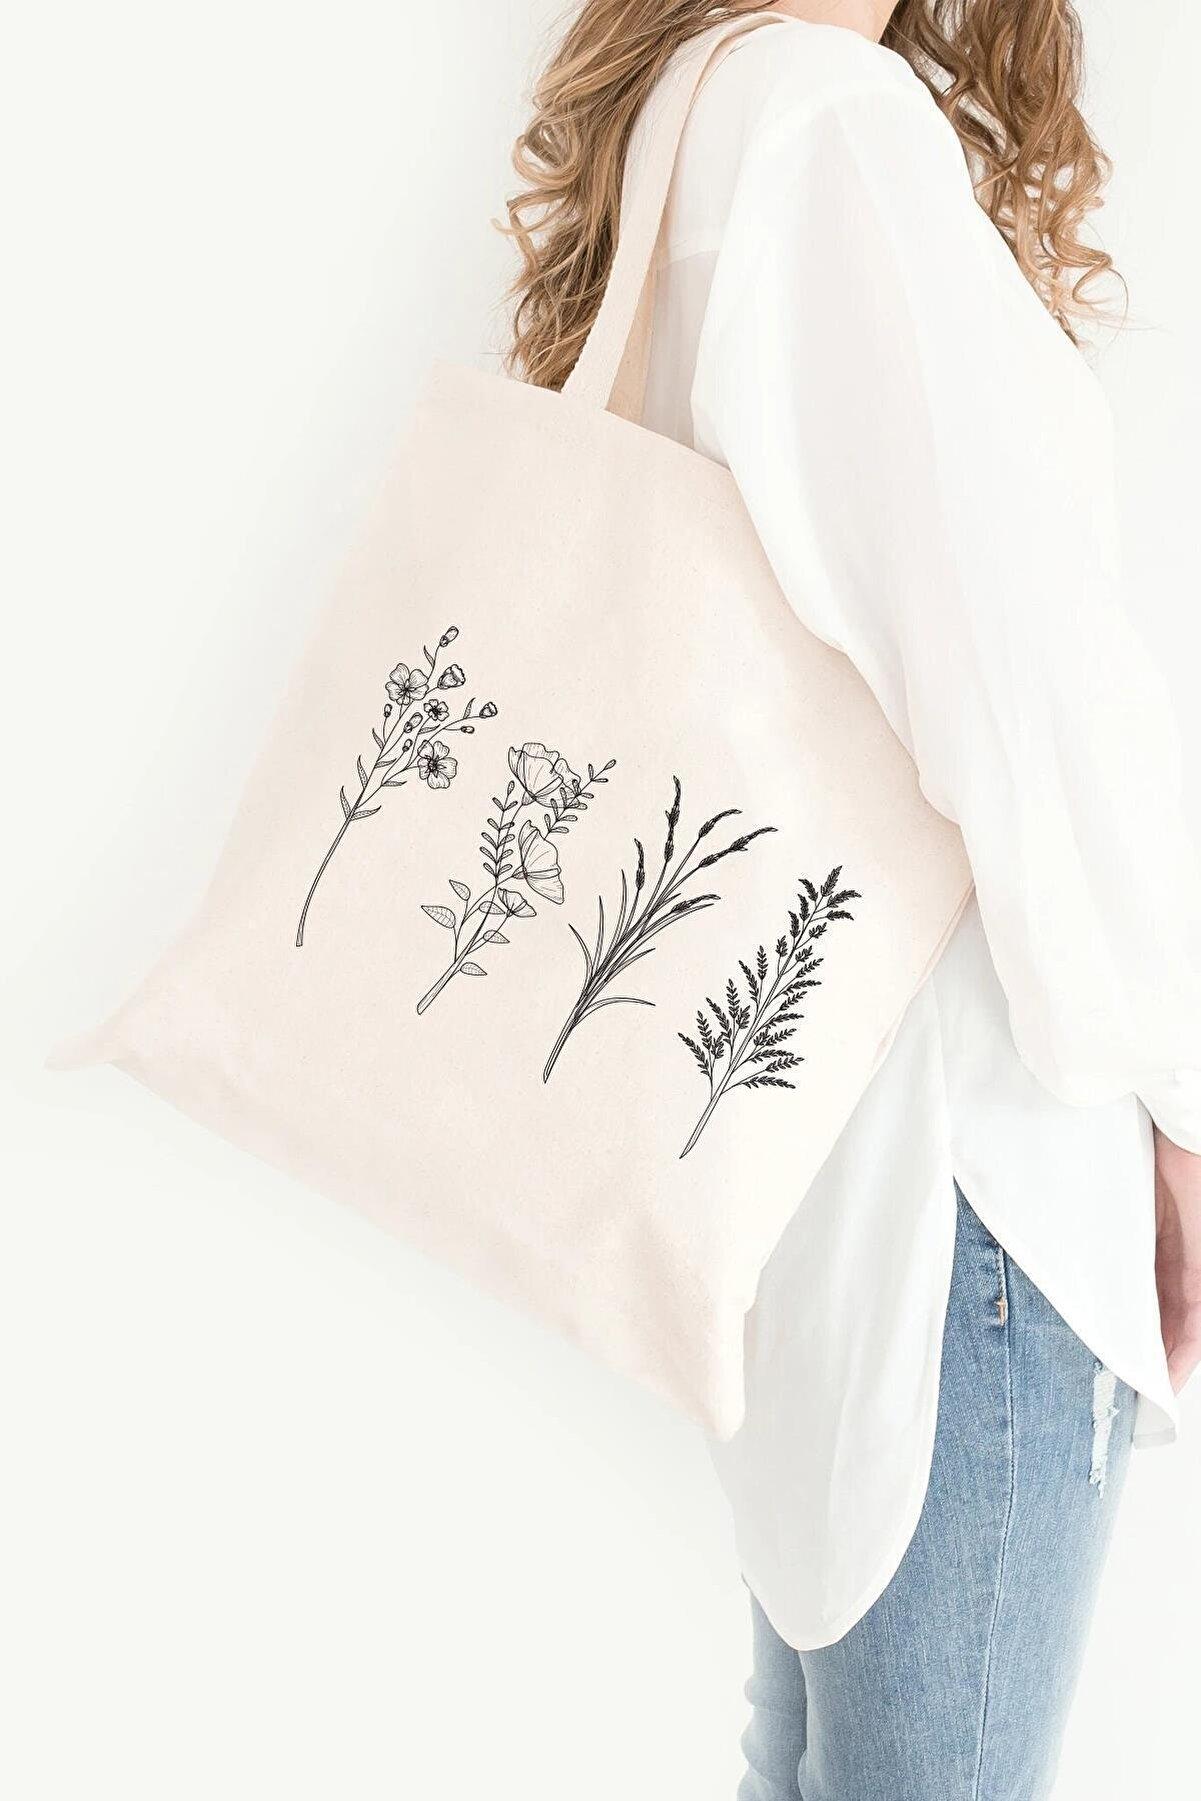 Çınar Bez Çanta 4 Dallı Çiçek Baskılı Ham Bez Çanta